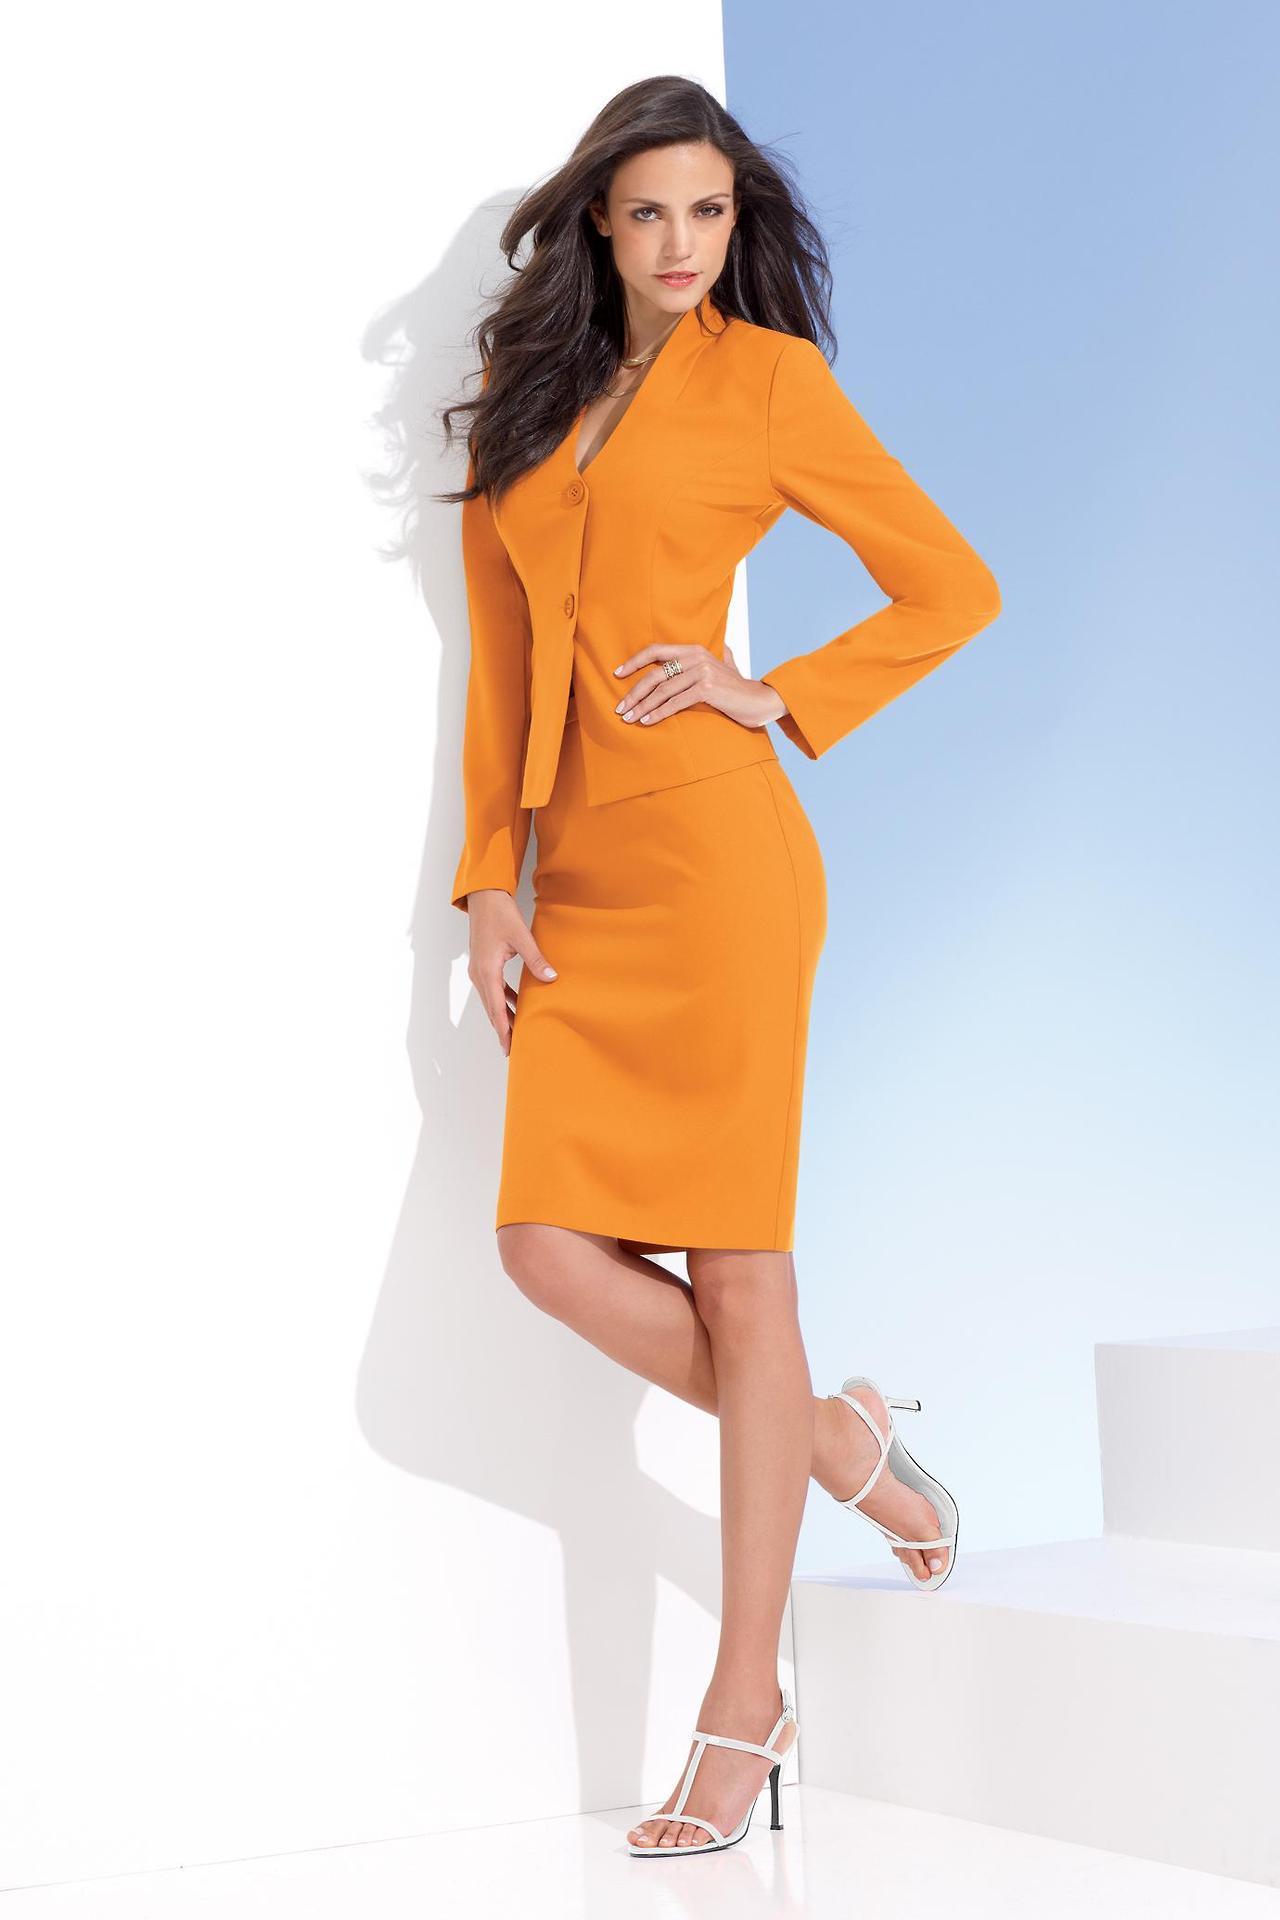 image12-51 | 20 стильных образов с юбкой и жакетом для деловых леди